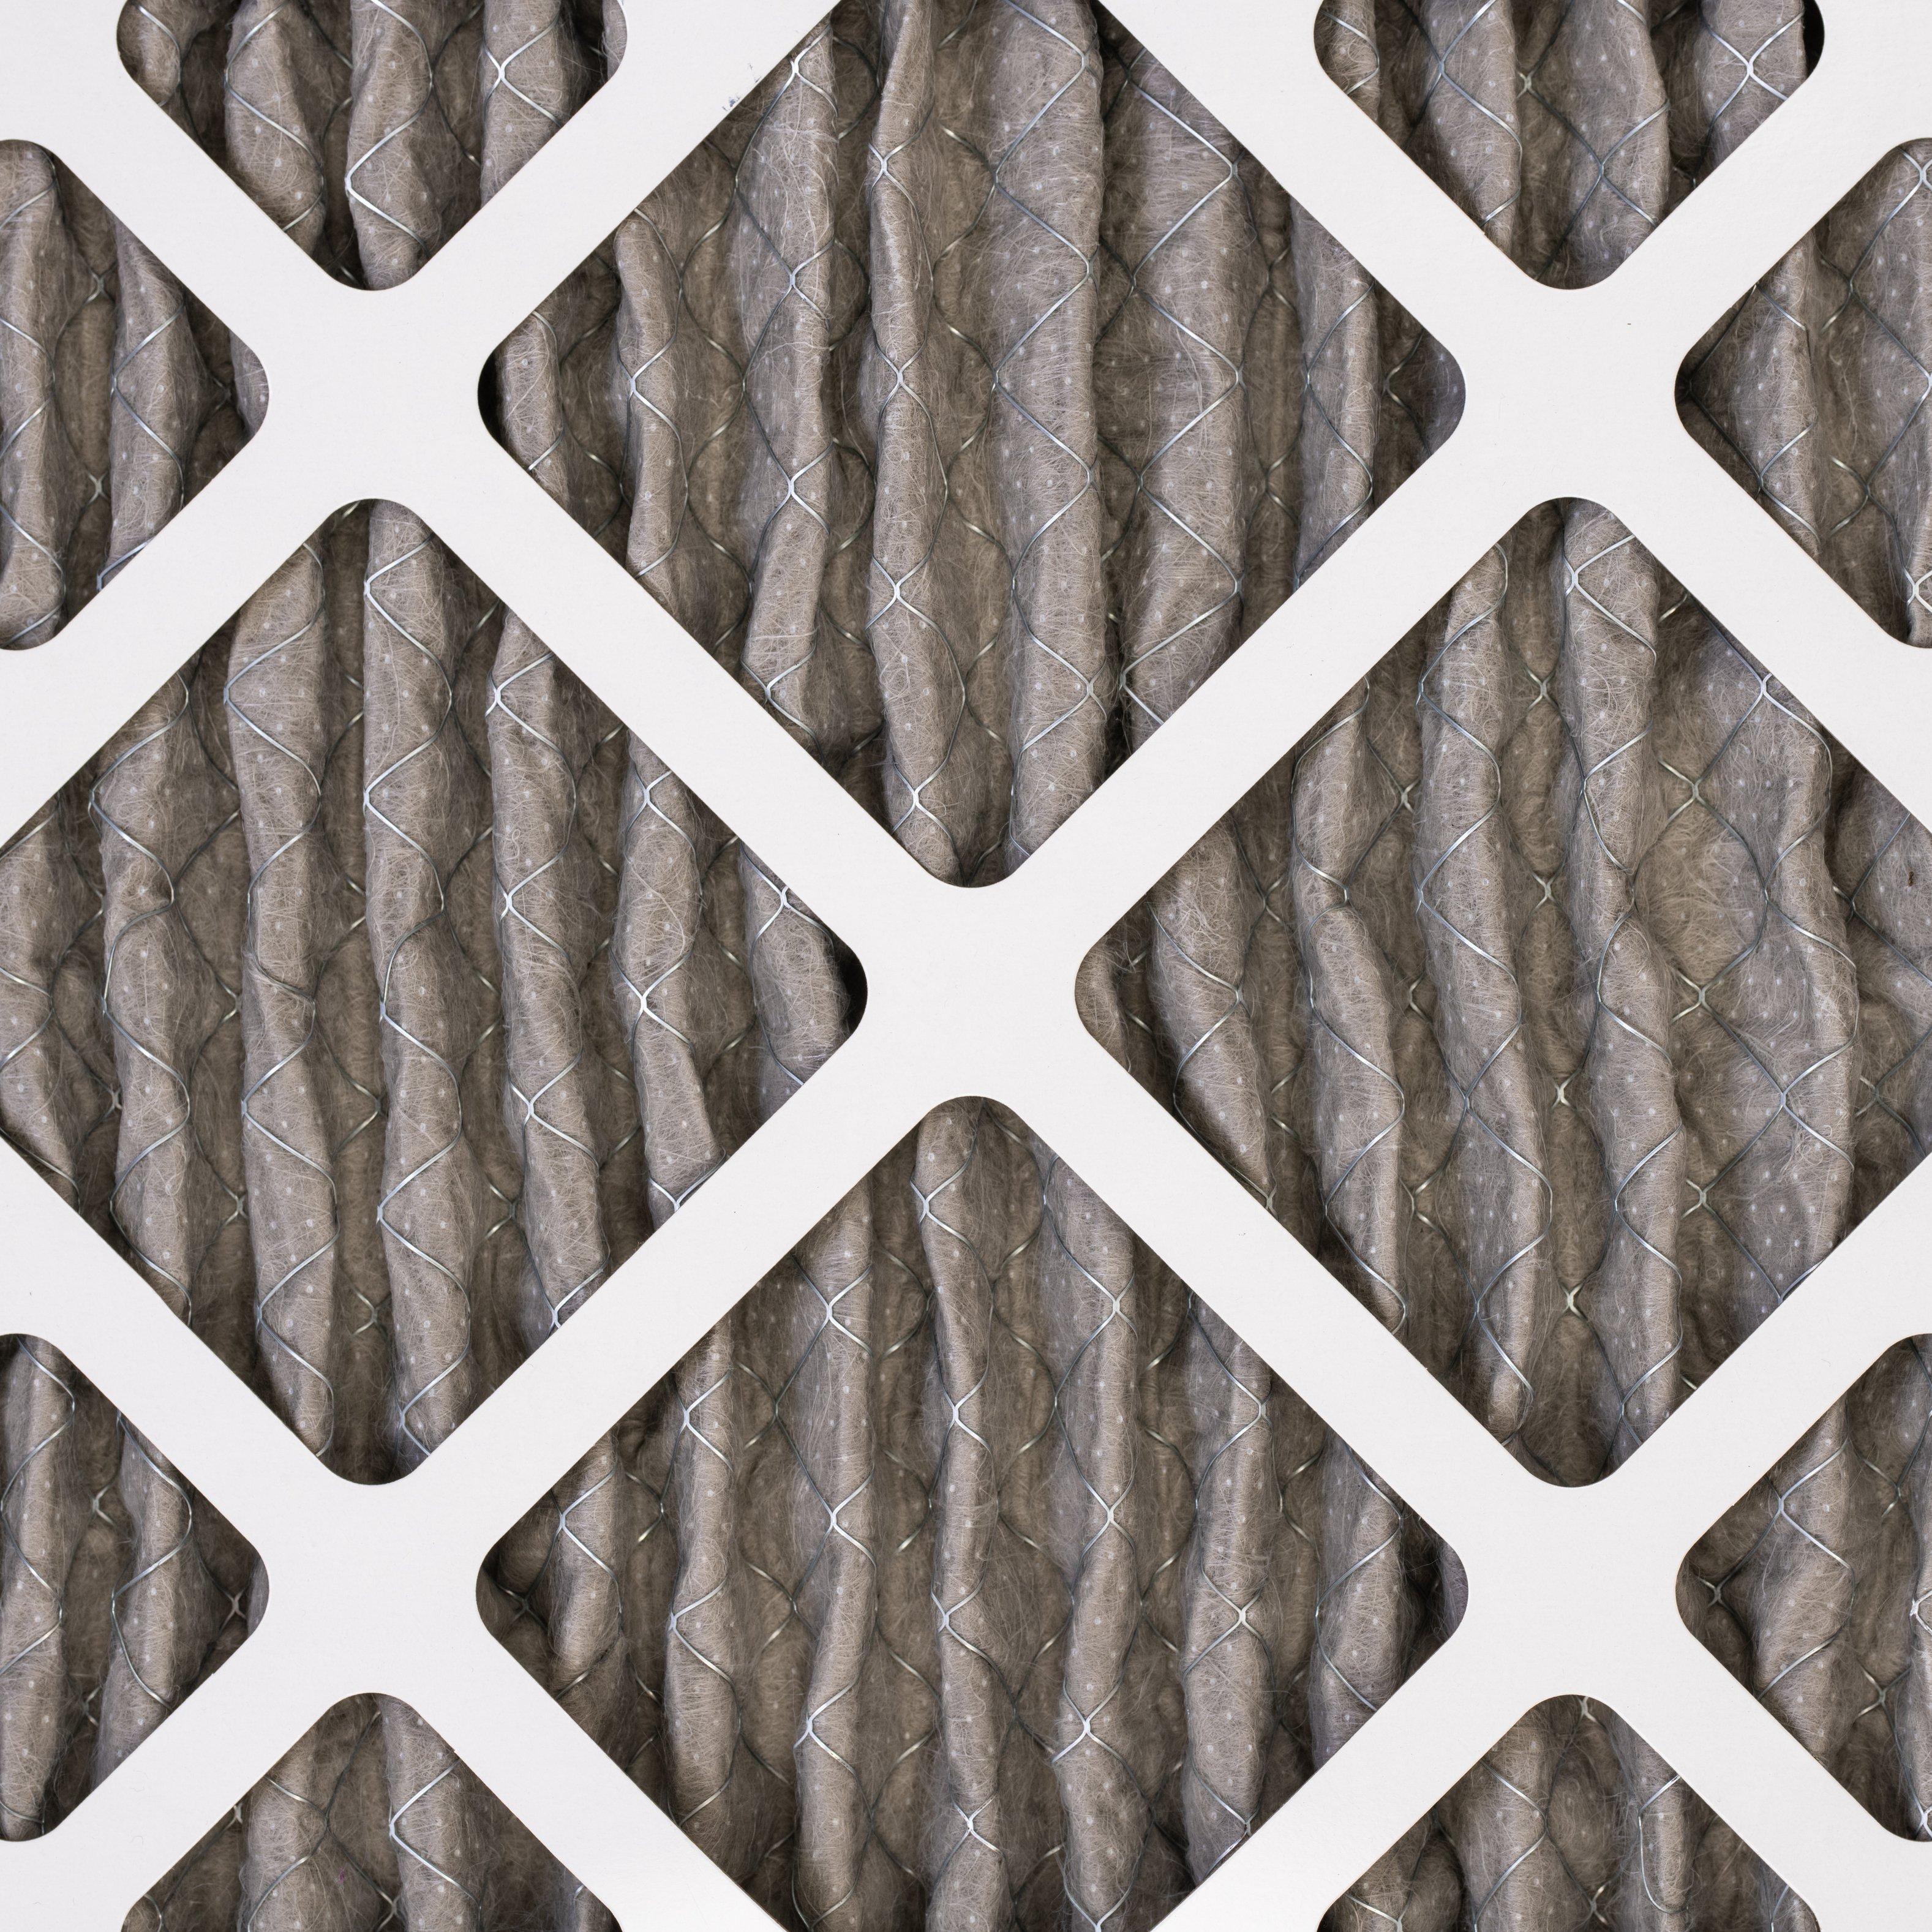 Air filter up close